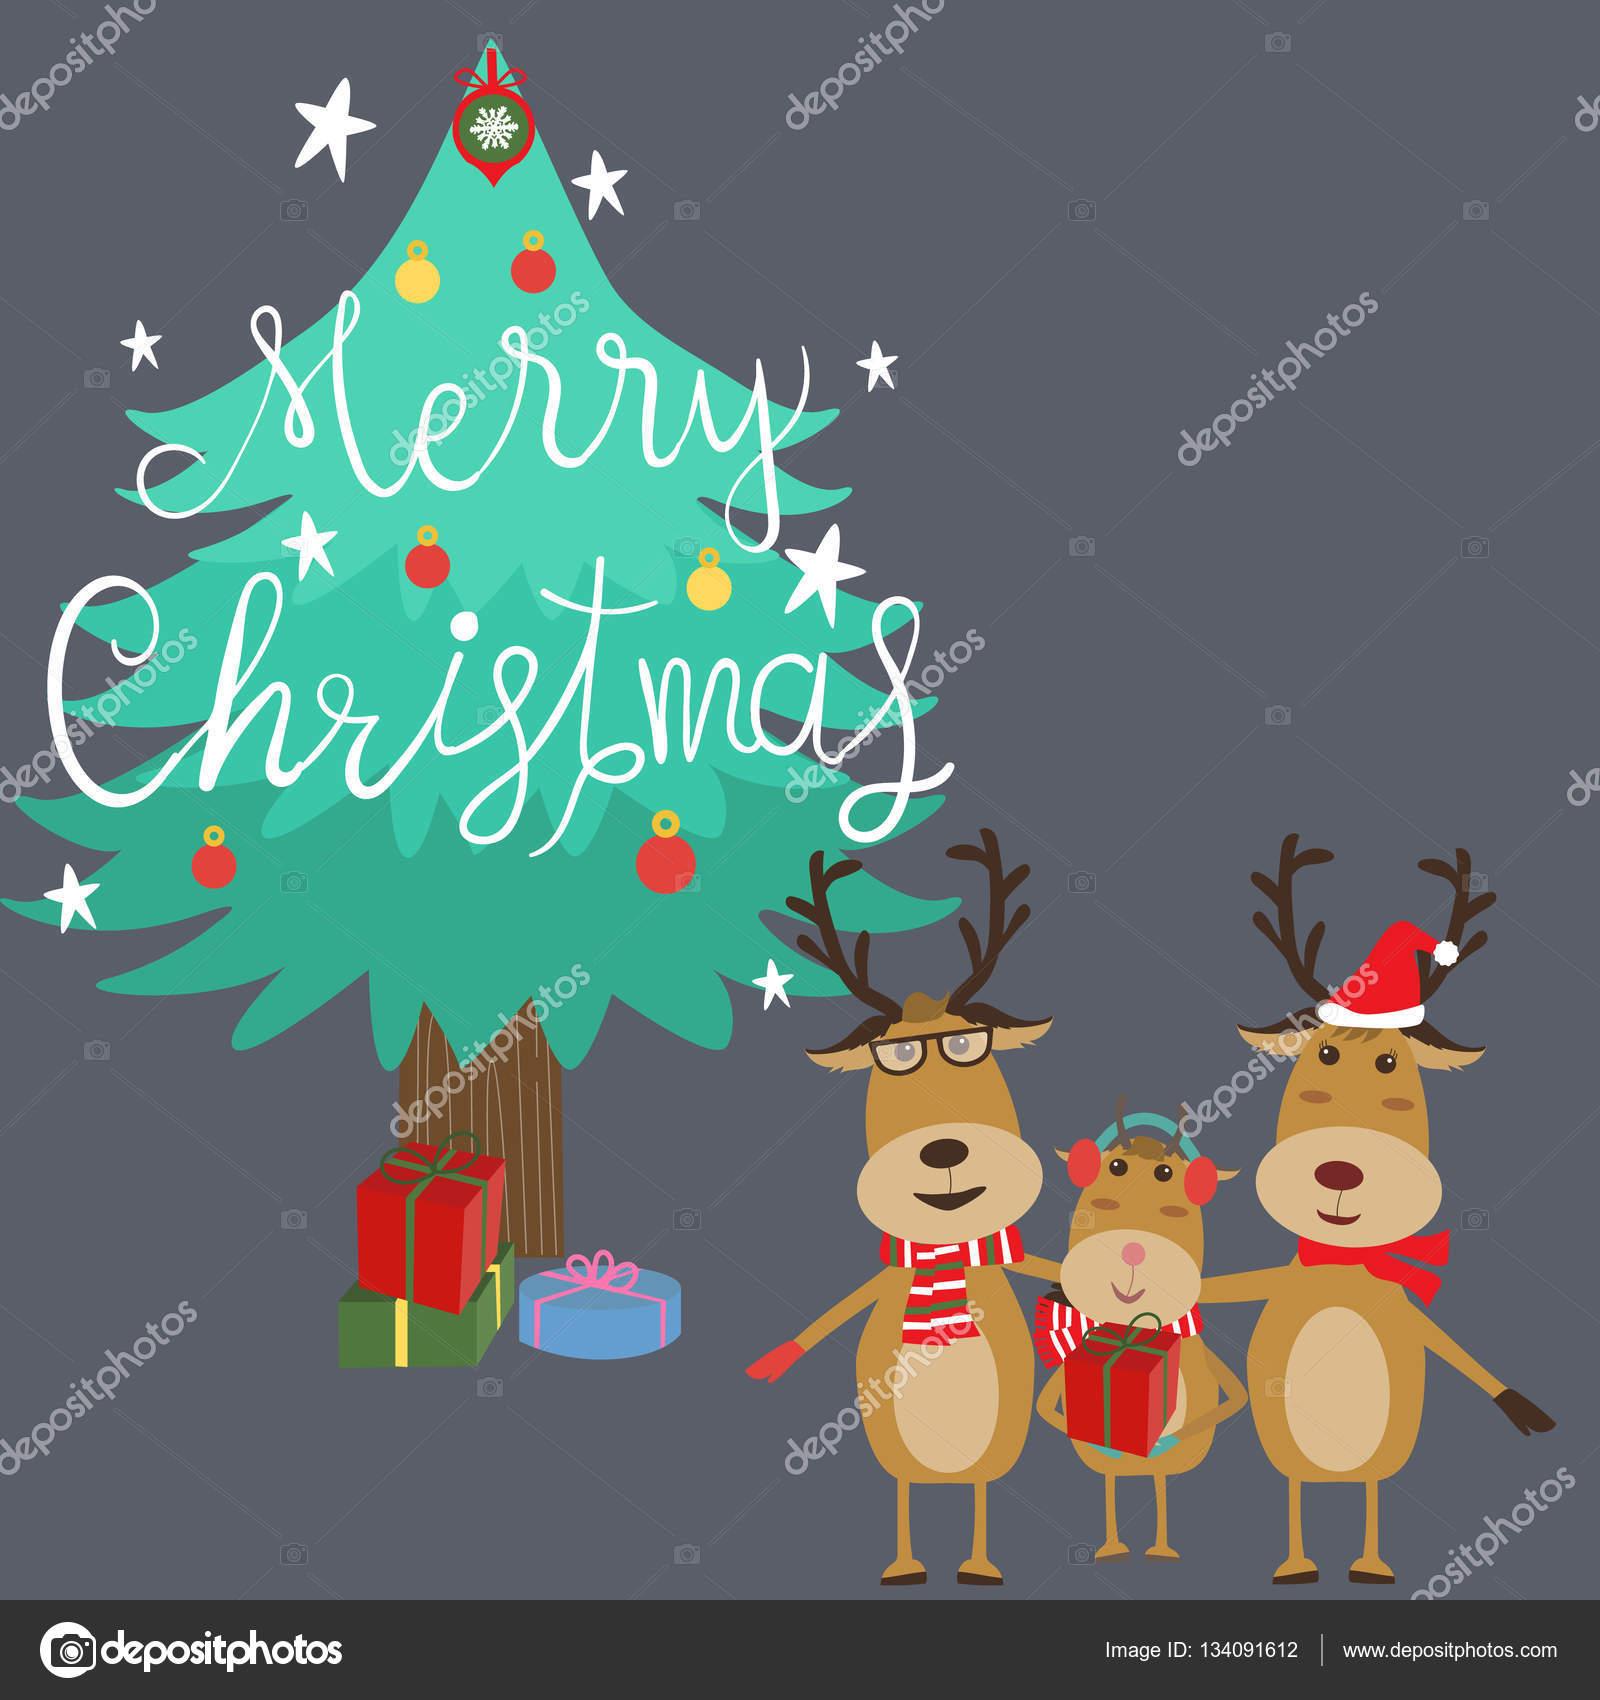 Frohe Weihnachten Familie.Frohe Weihnachten Rentier Familie Vater Tochter Mutter Hand Le